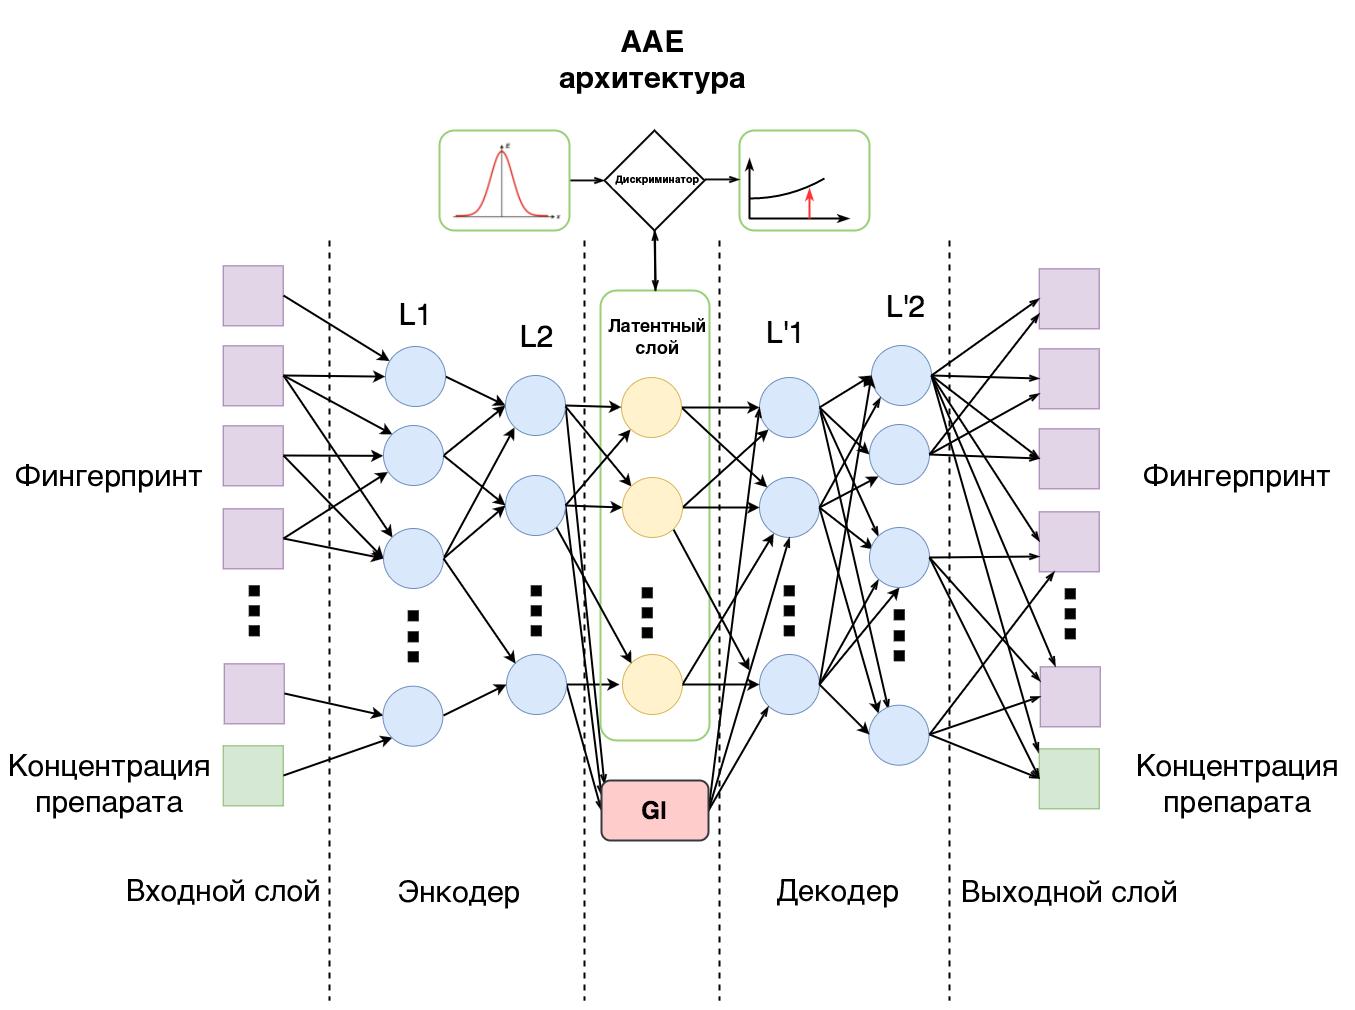 Российские ученые привлекли нейронную сеть к поиску противораковых лекарств - 2